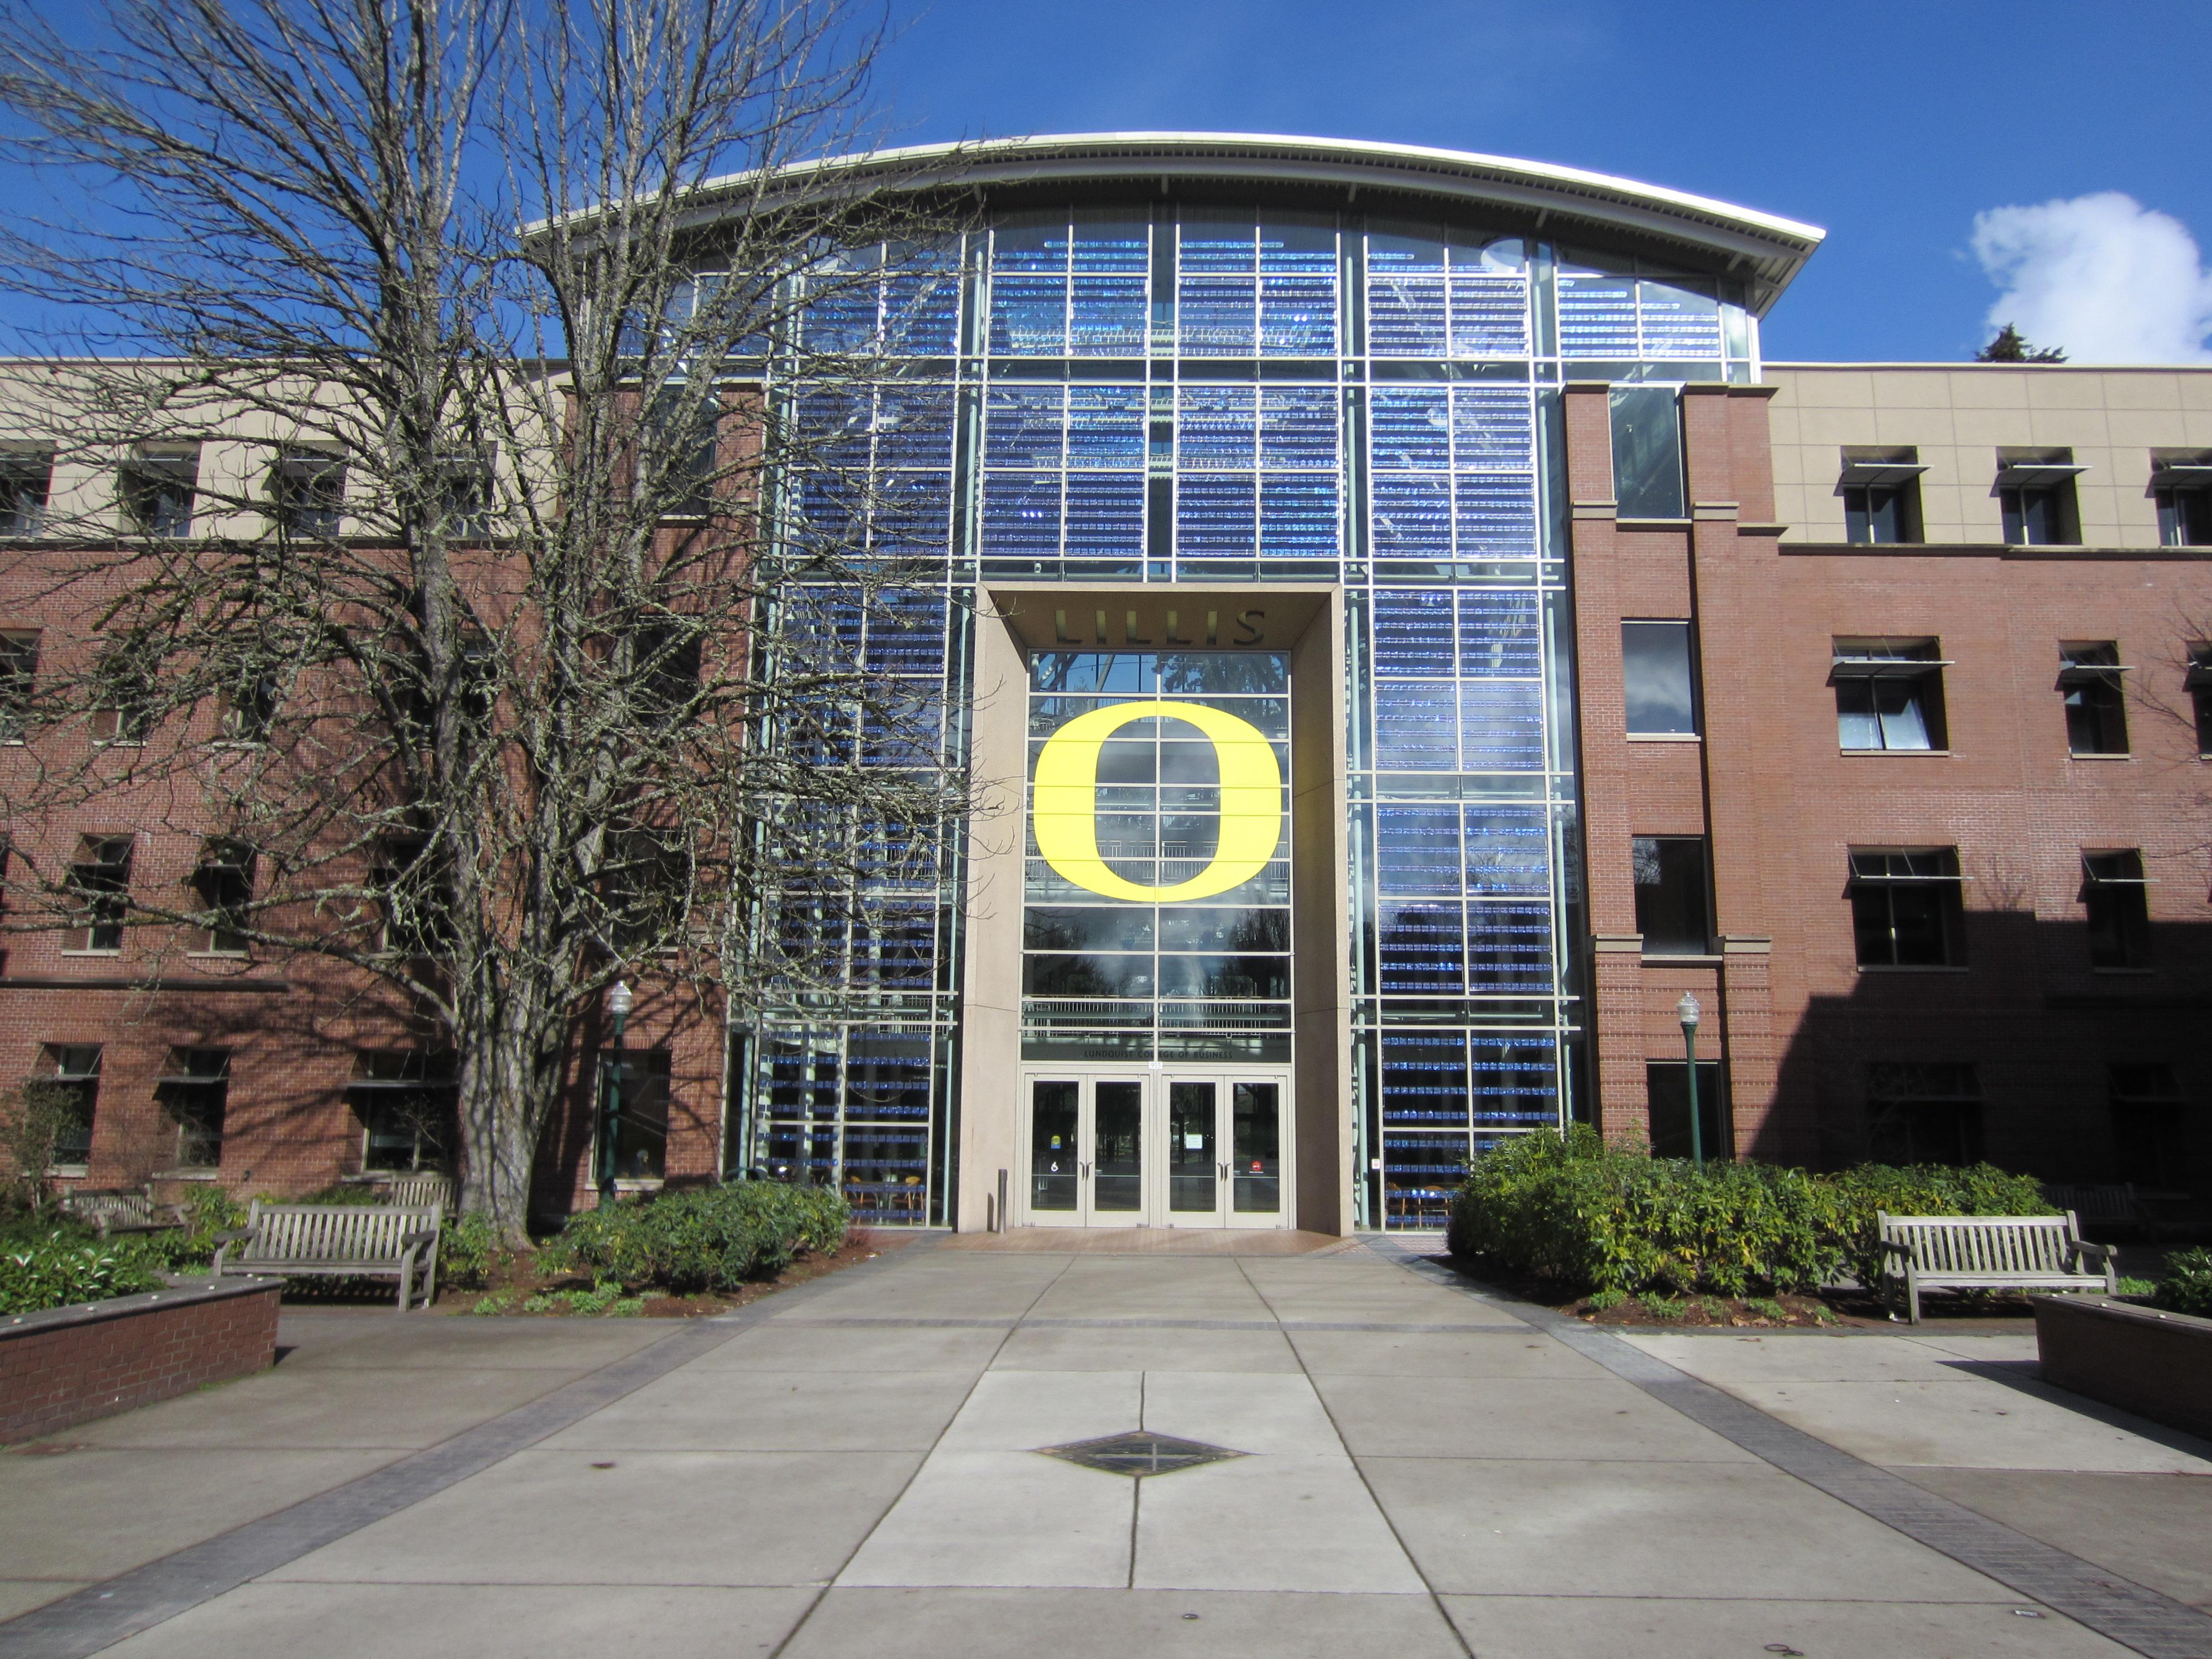 Eugene Oregon Building Code